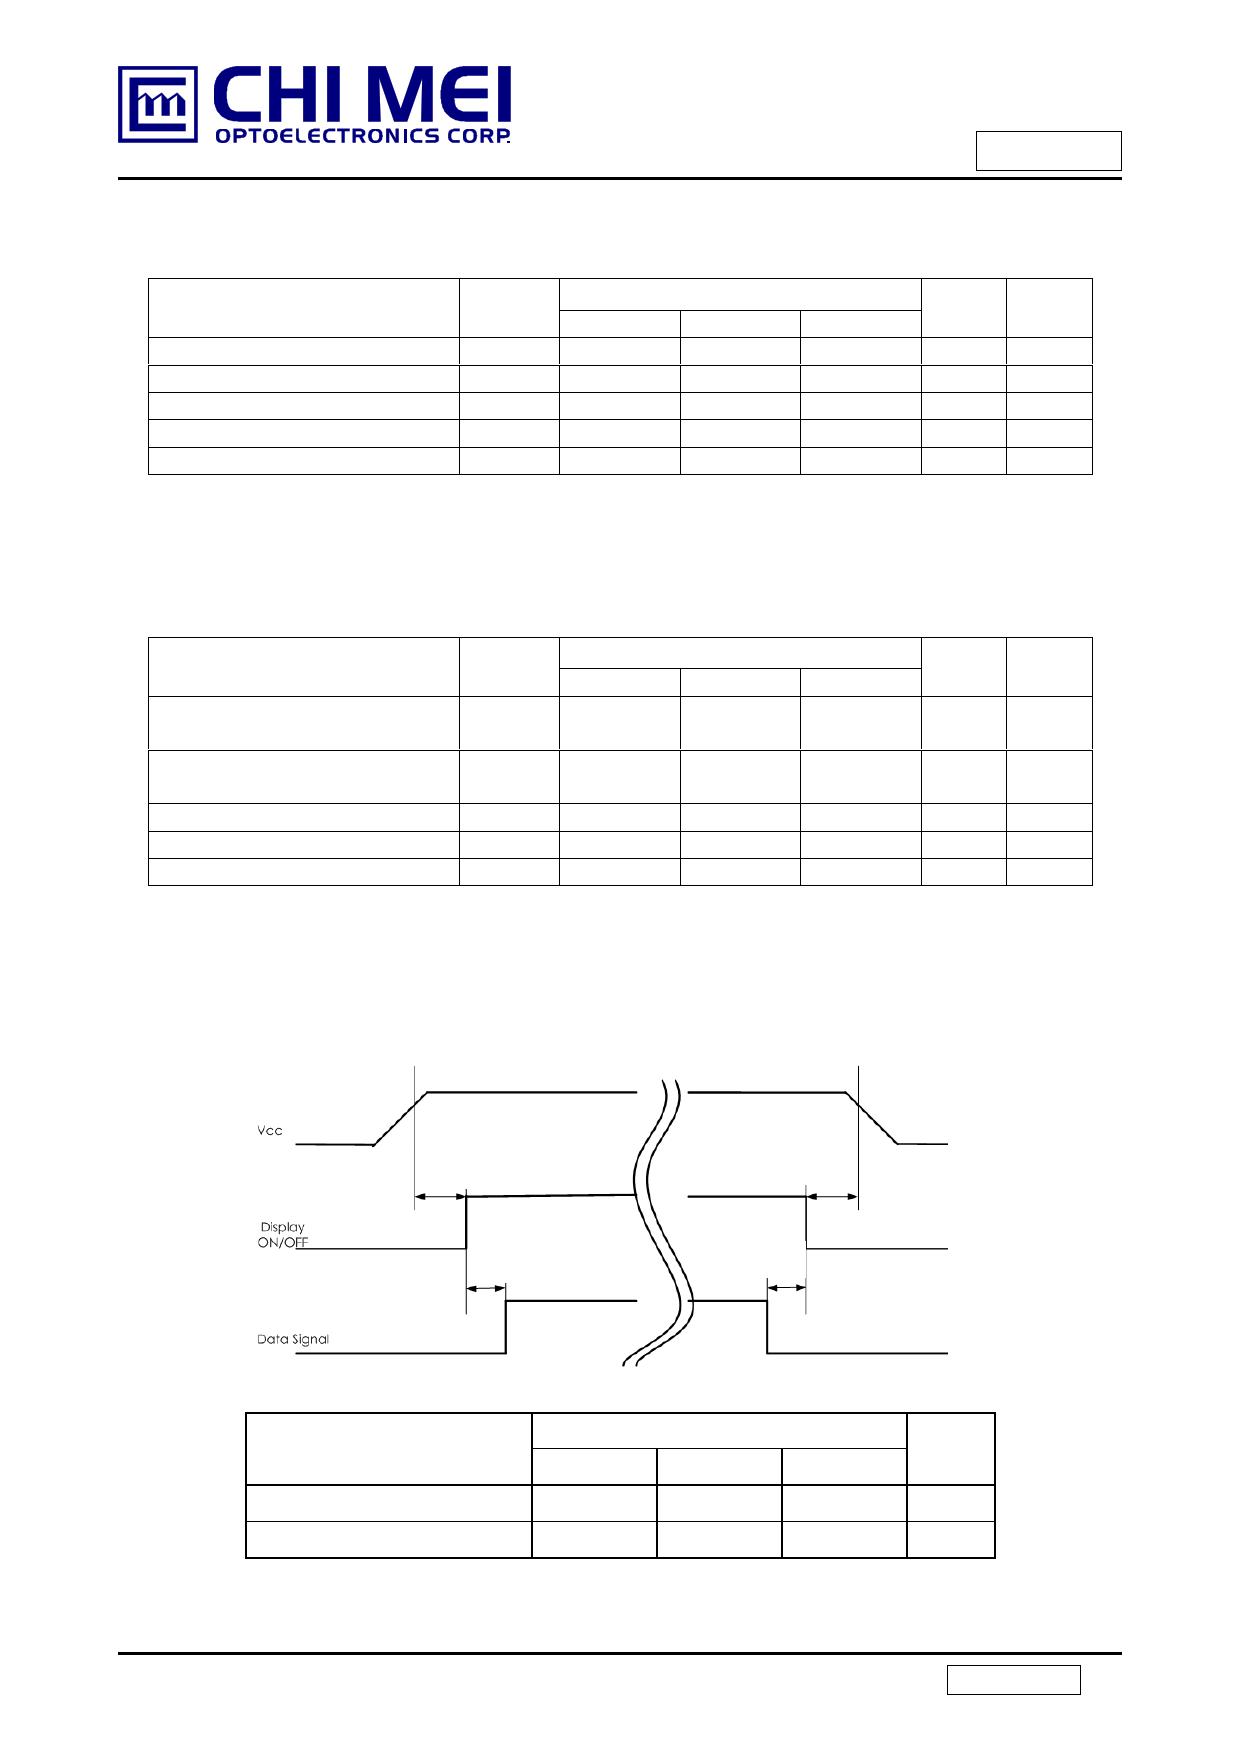 Q05002-601 pdf